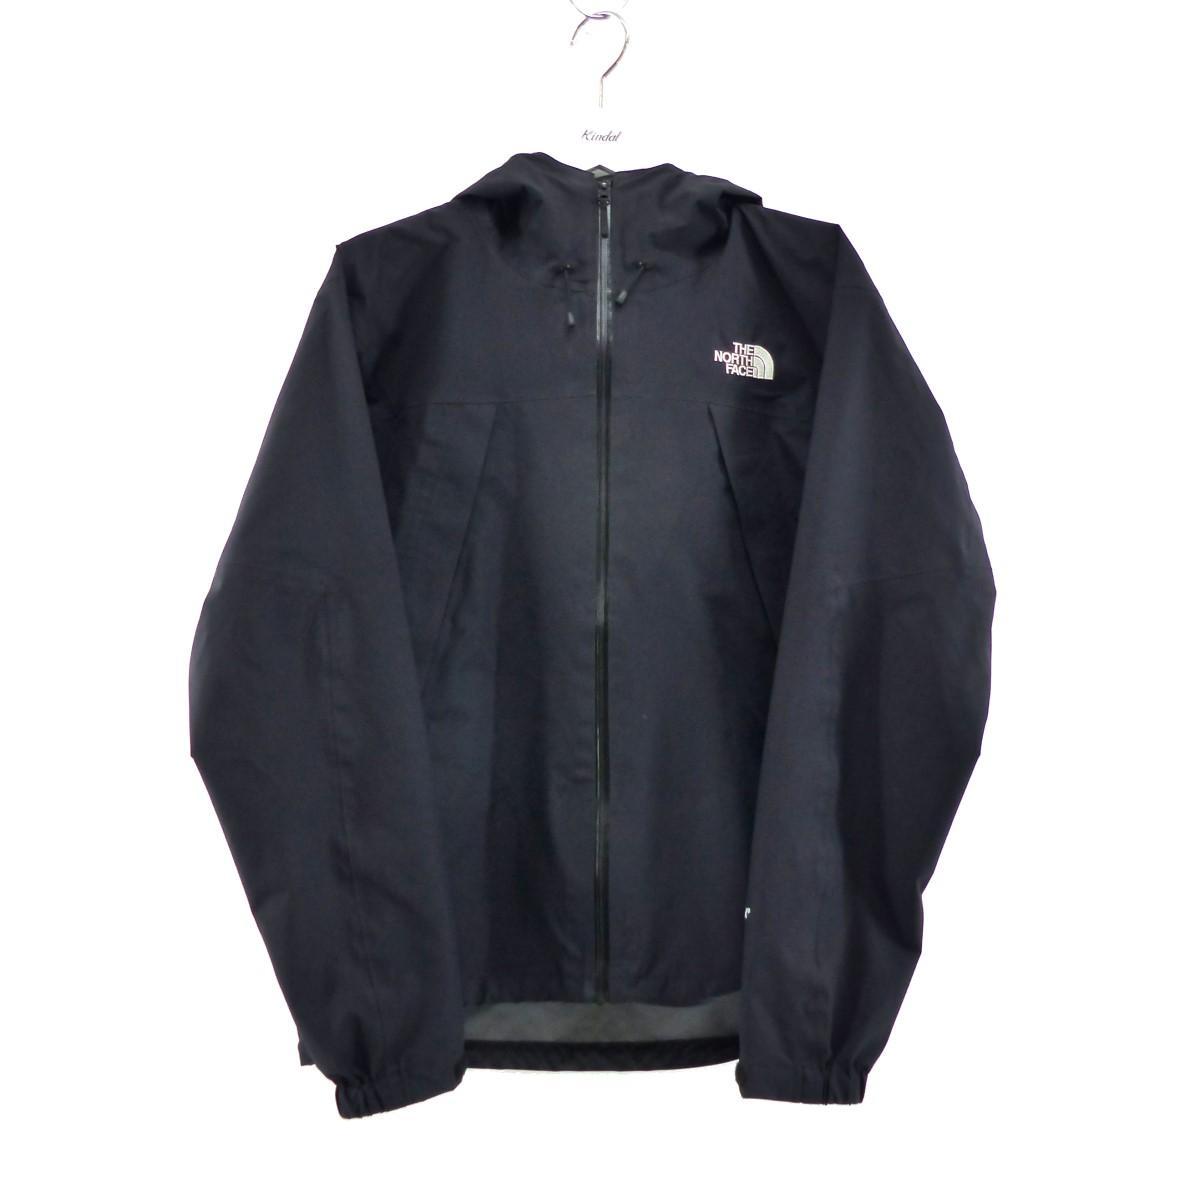 【中古】THE NORTH FACE Climb Light Jacket ブラック サイズ:M 【200620】(ザノースフェイス)